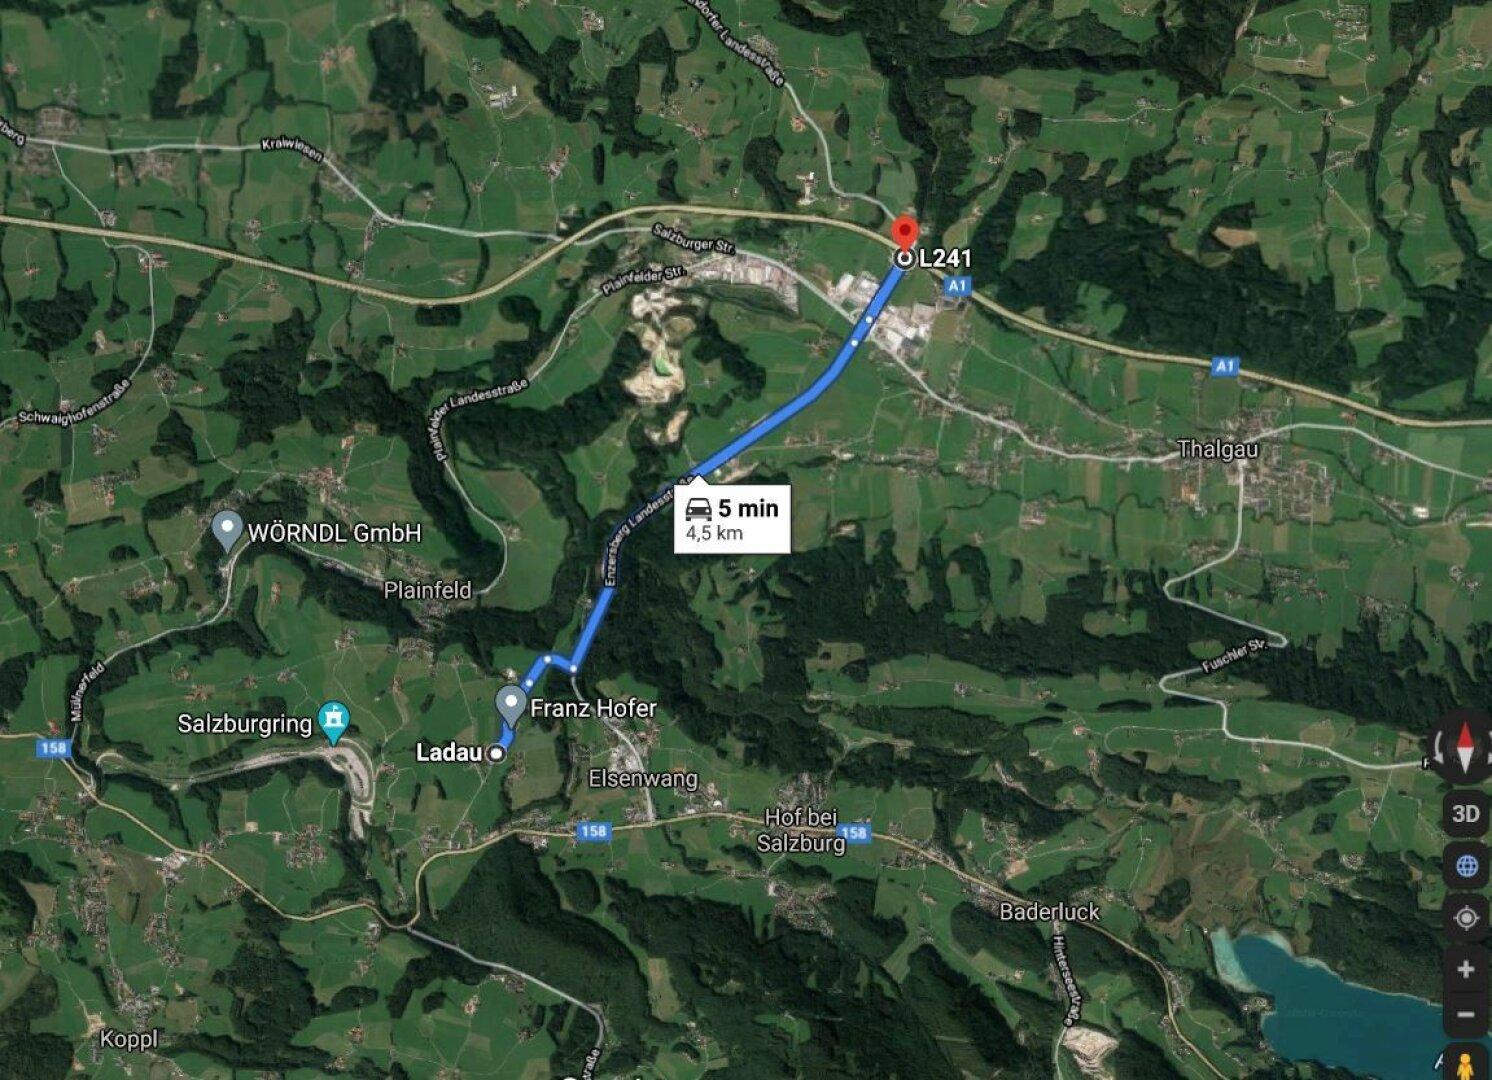 Autobahnanbindung zur A1 Richtung Salzburg oder Wien ca. 5 km entfernt